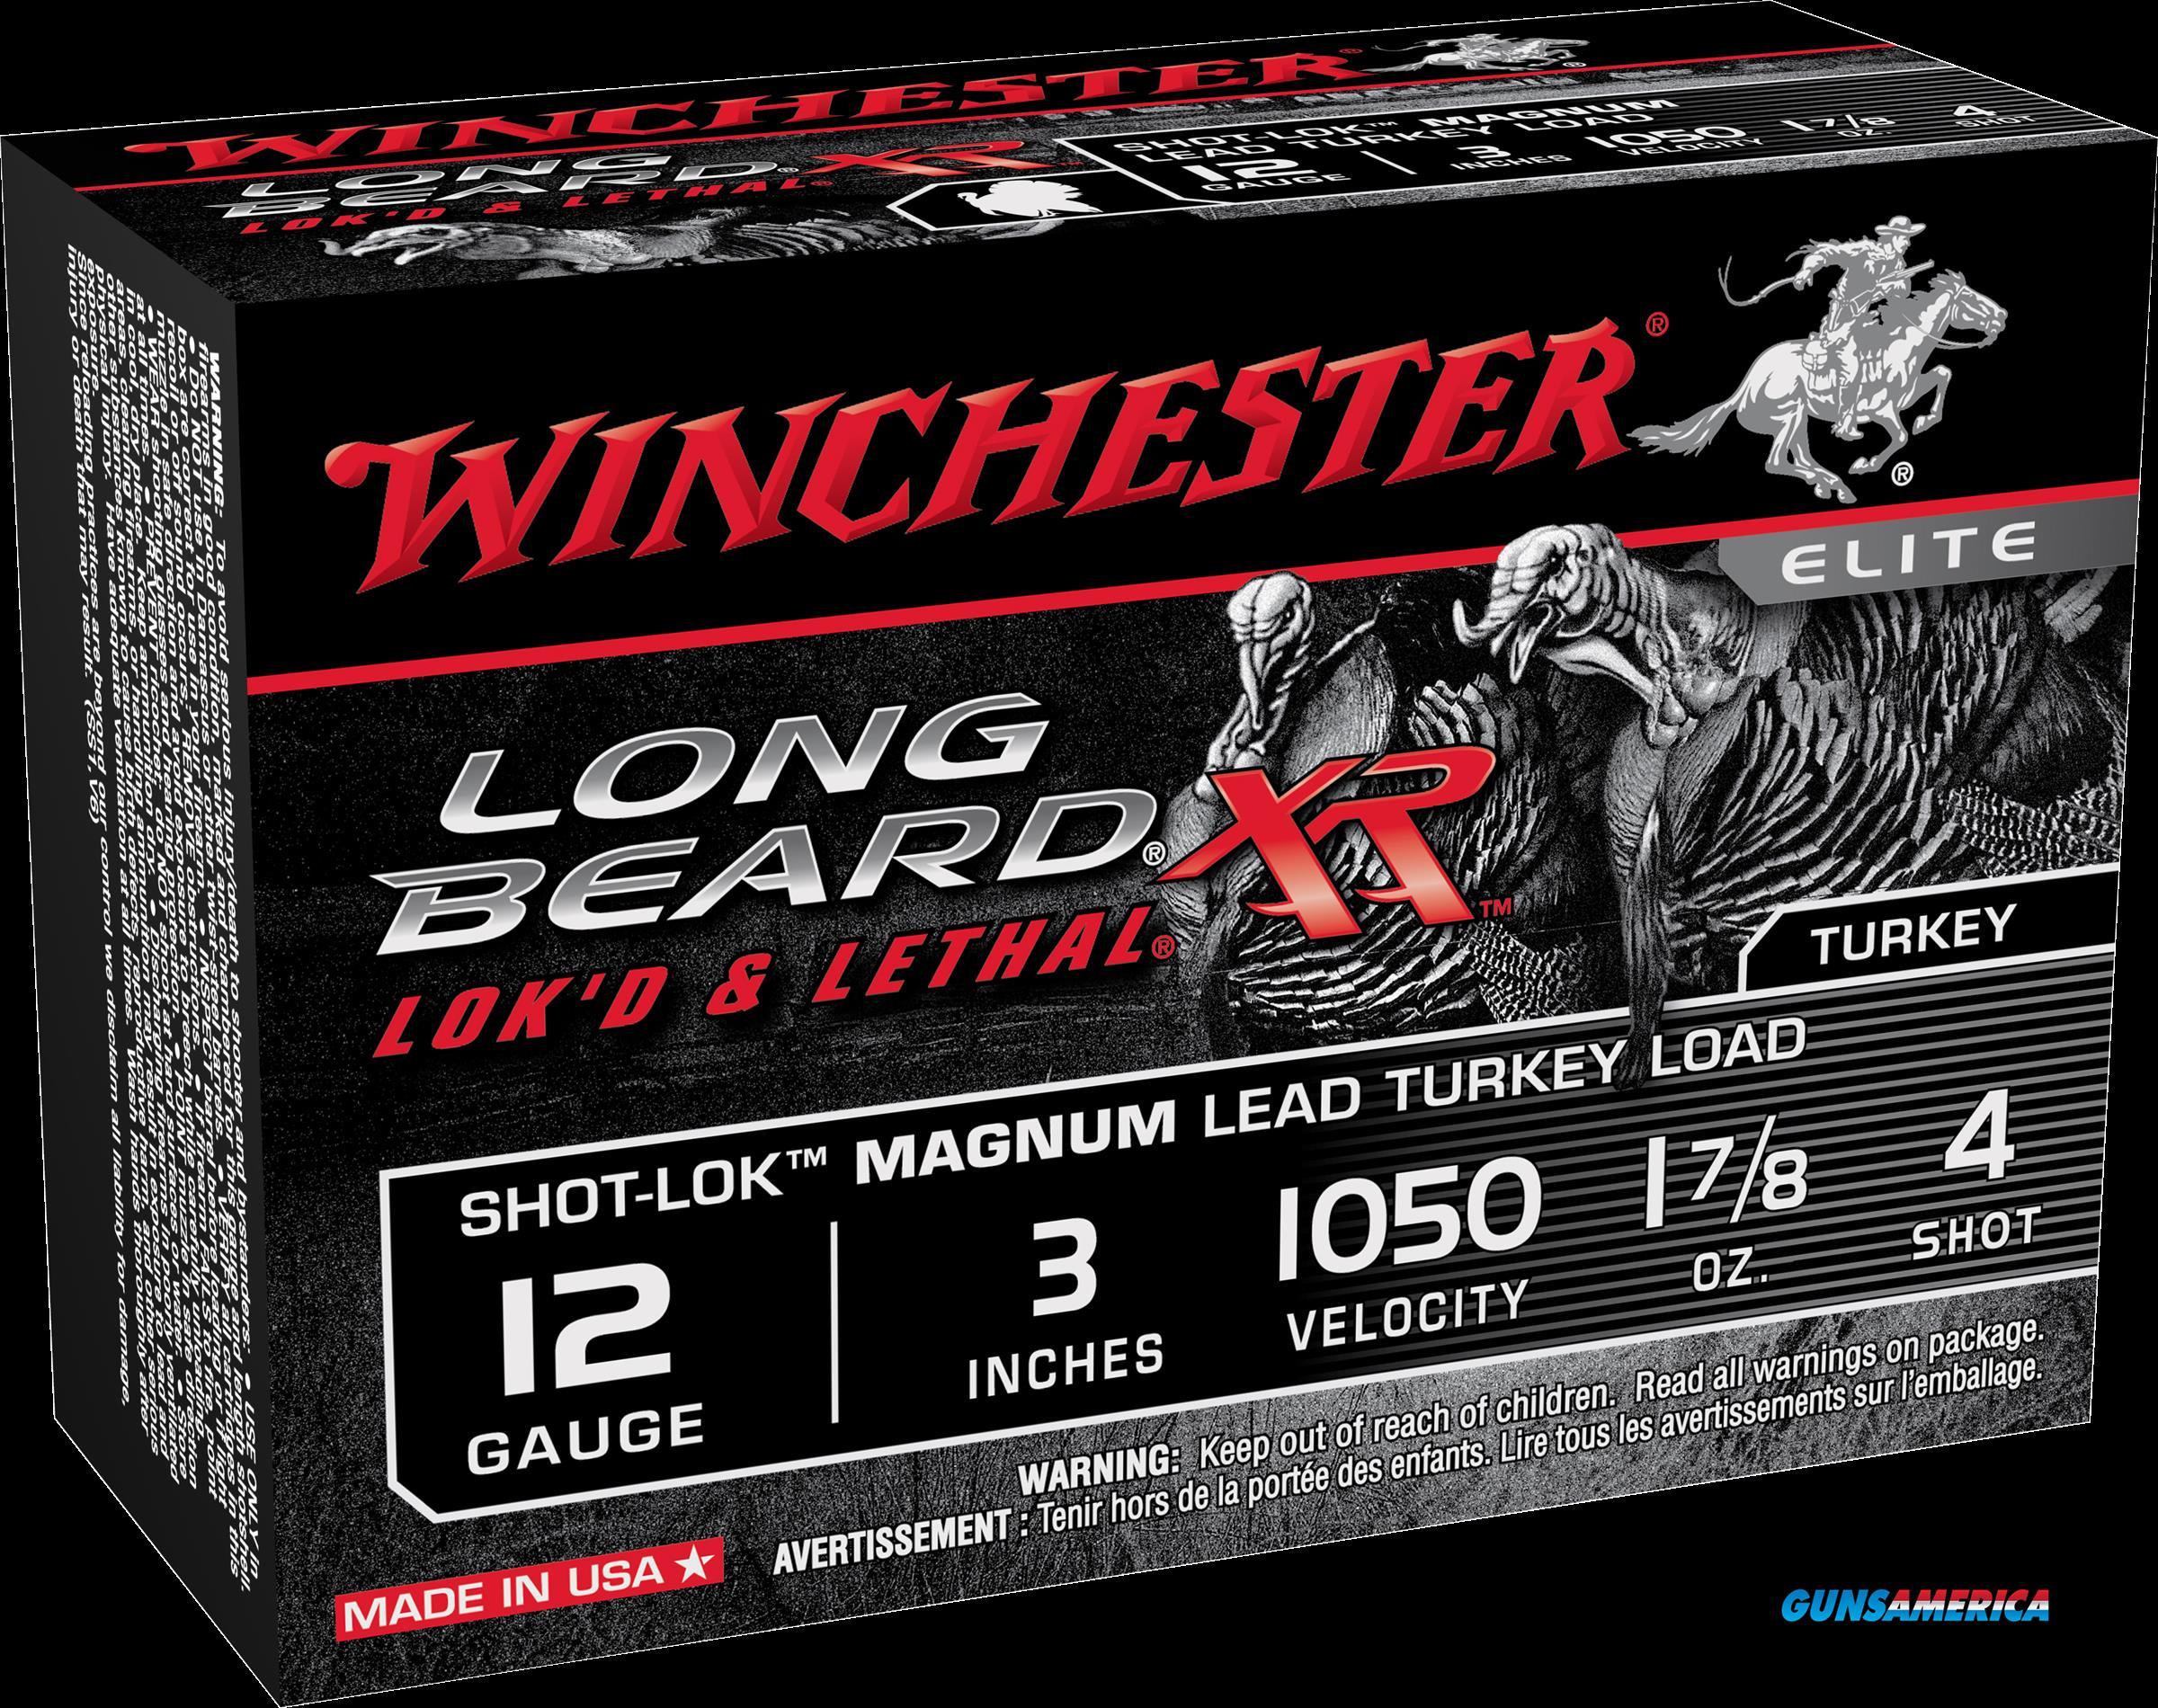 Winchester Ammo Long Beard Xr, Win Stlb123m4 Longbeard 3in 17-8  10-10  Guns > Pistols > 1911 Pistol Copies (non-Colt)